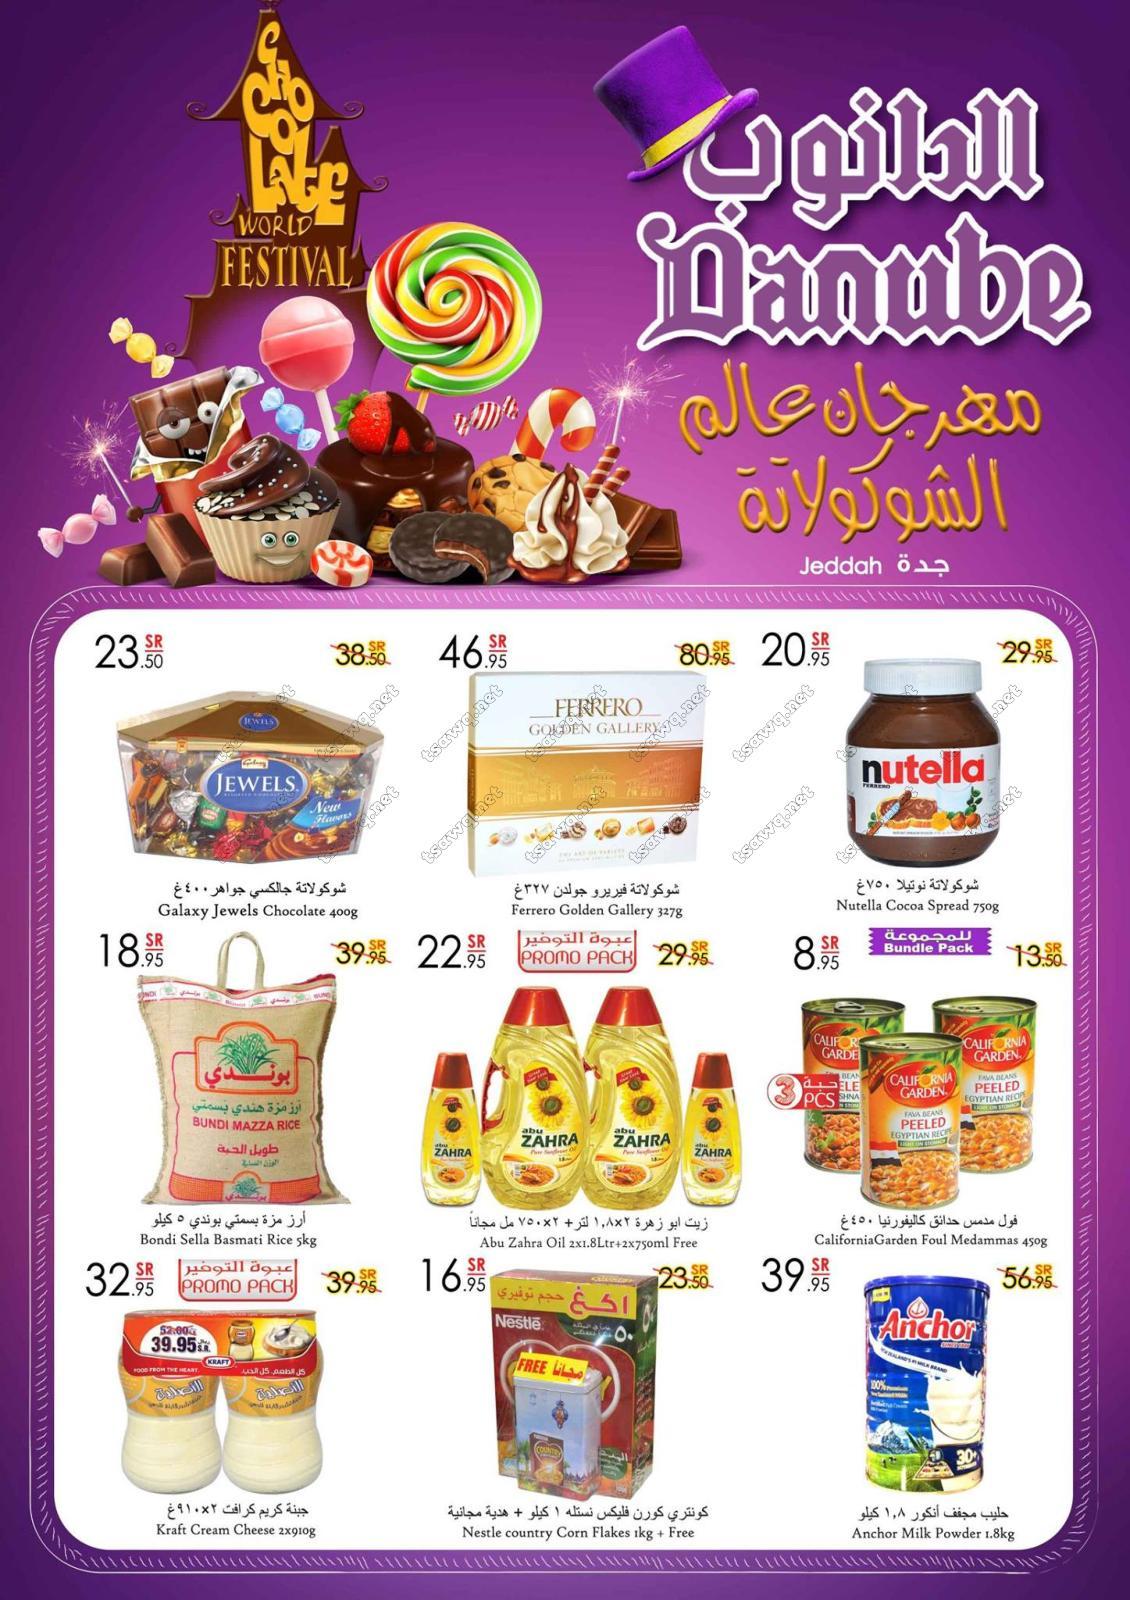 bd29b6272 عروض الدانوب السعودية جدة من 1 حتى 7 نوفمبر 2017 عالم الشيكولاته | تسوق نت